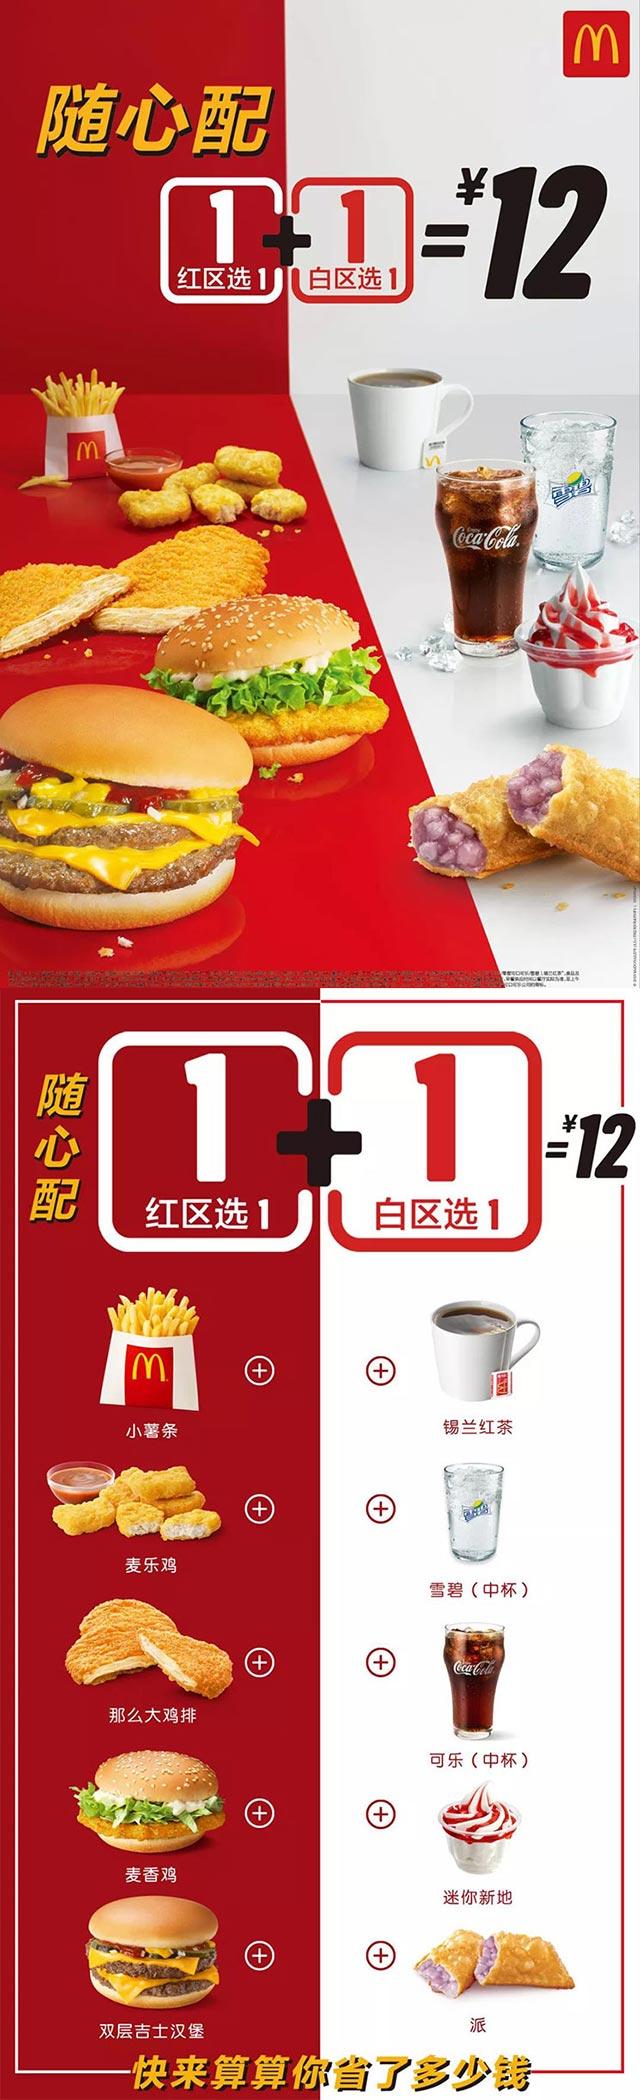 优惠券图片:麦当劳1+1=12元随心配,25种组合,统统12元 有效期2019年03月13日-2019年04月9日